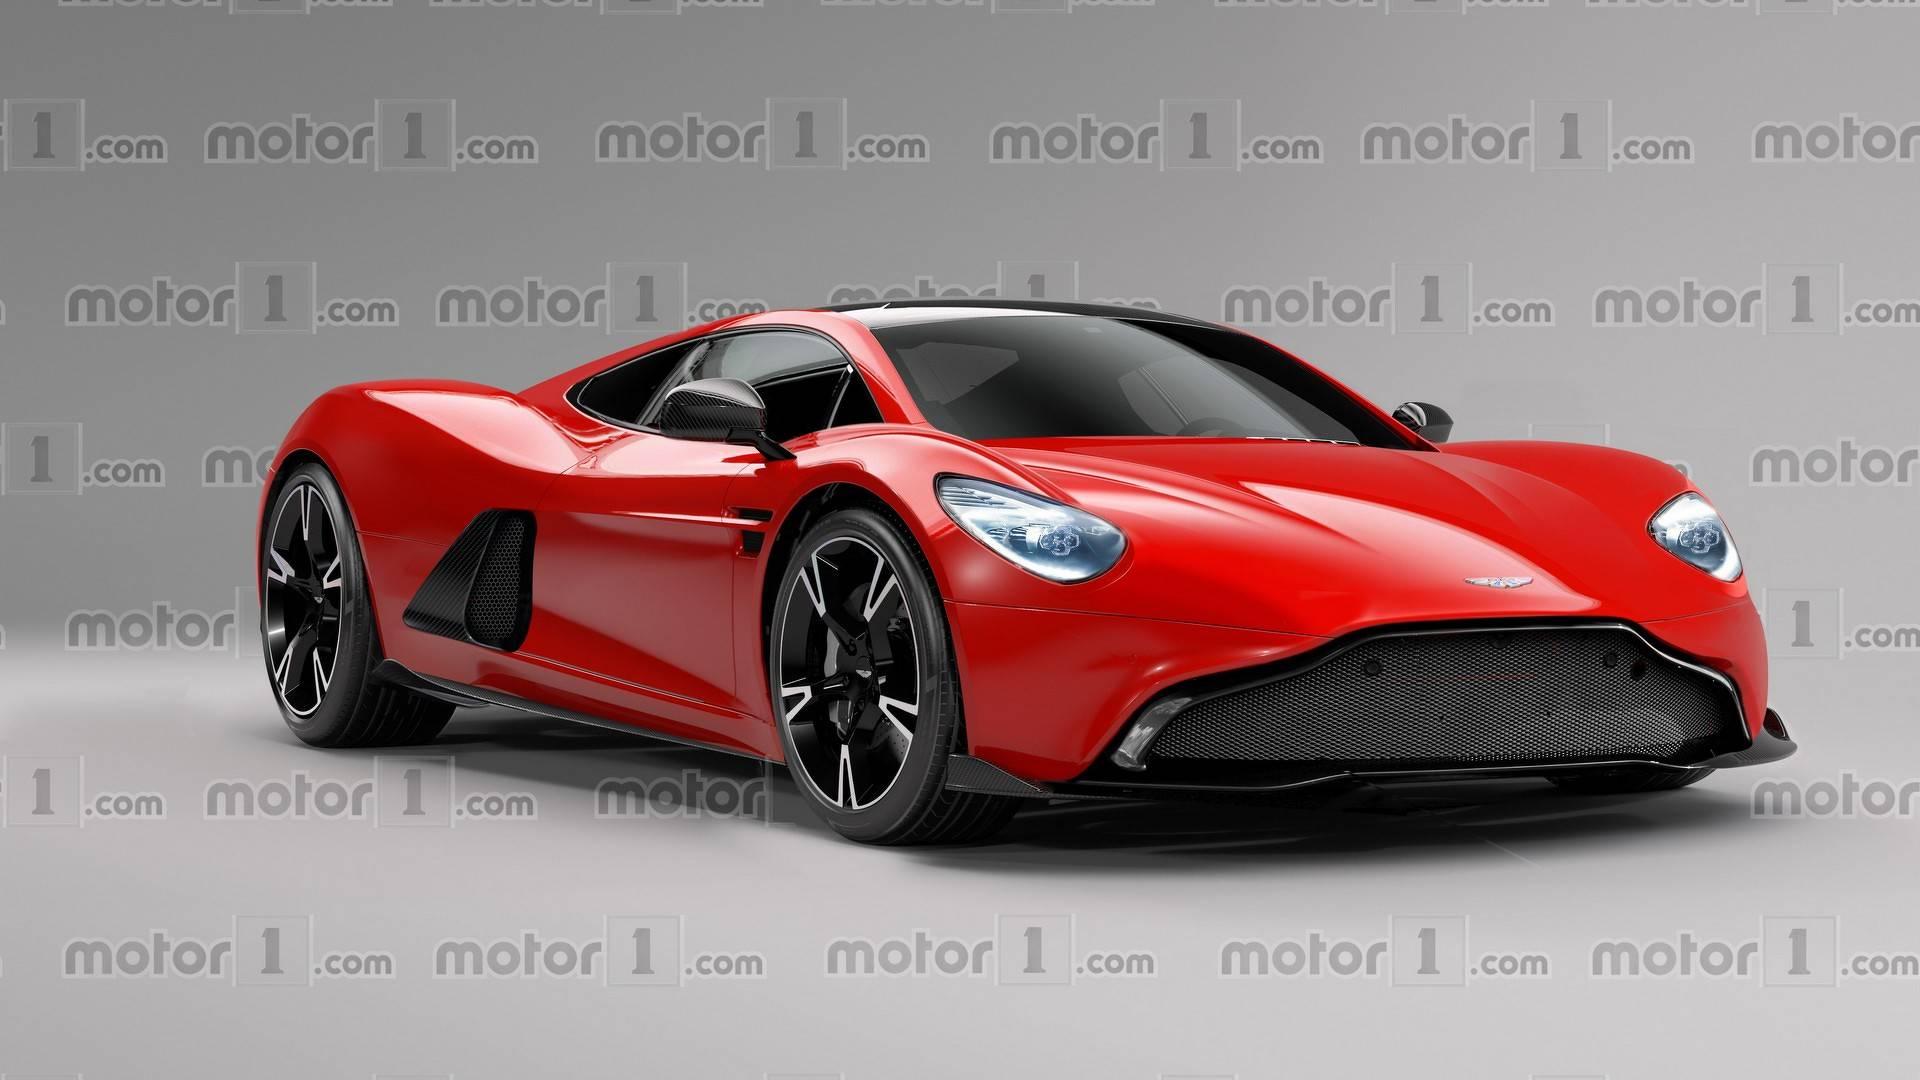 Marvelous Motor1.com